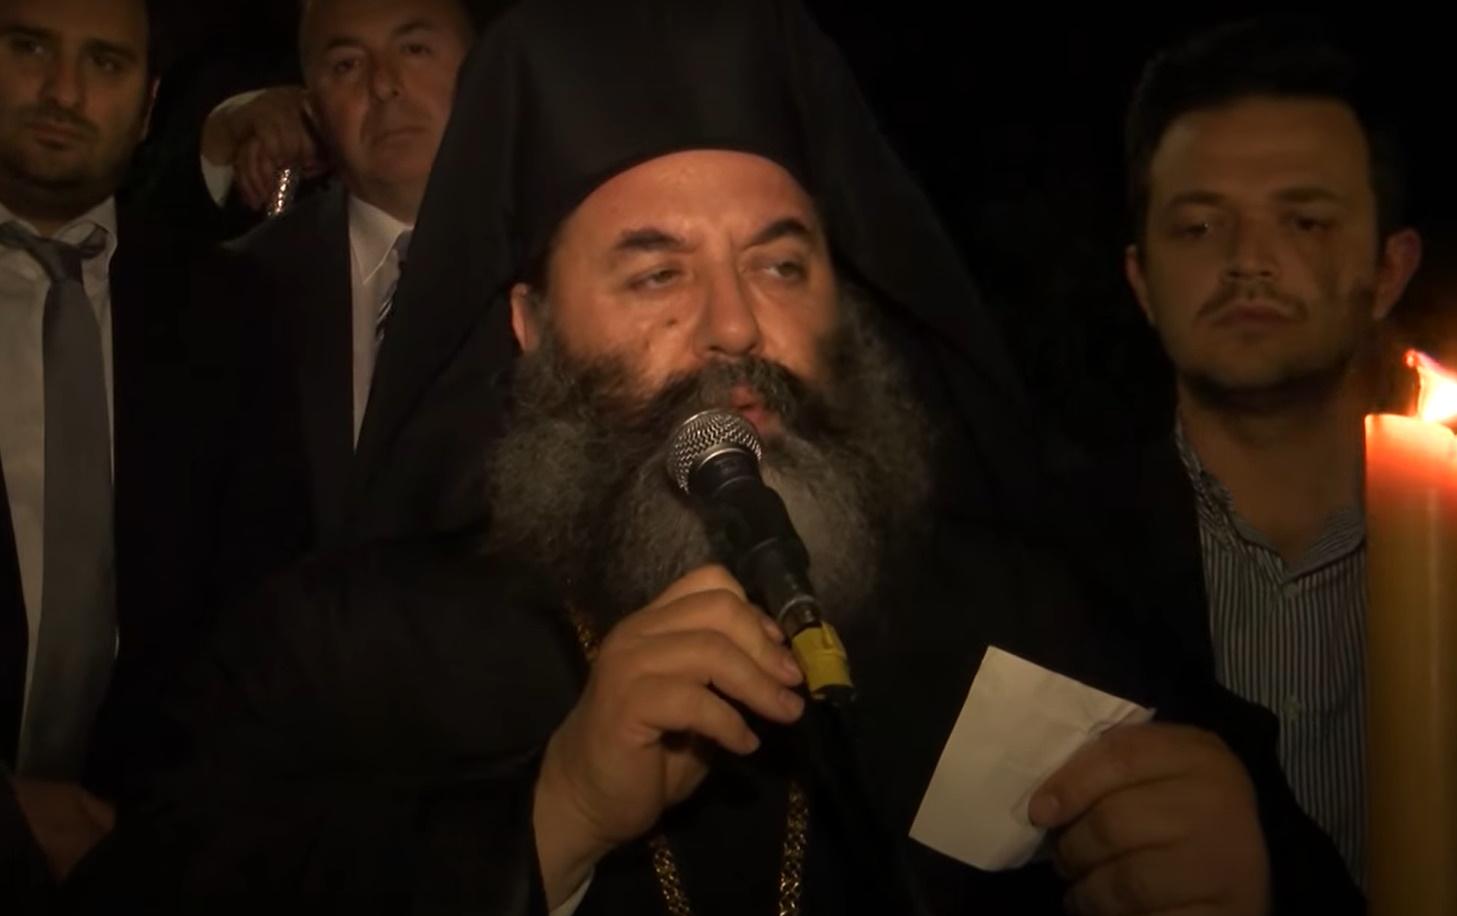 Θεσσαλονίκη: Κλειστές οι υπηρεσίες του δήμου Λαγκαδά την Δευτέρα, ημέρα της κηδείας του Μητροπολίτη Ιωάννη